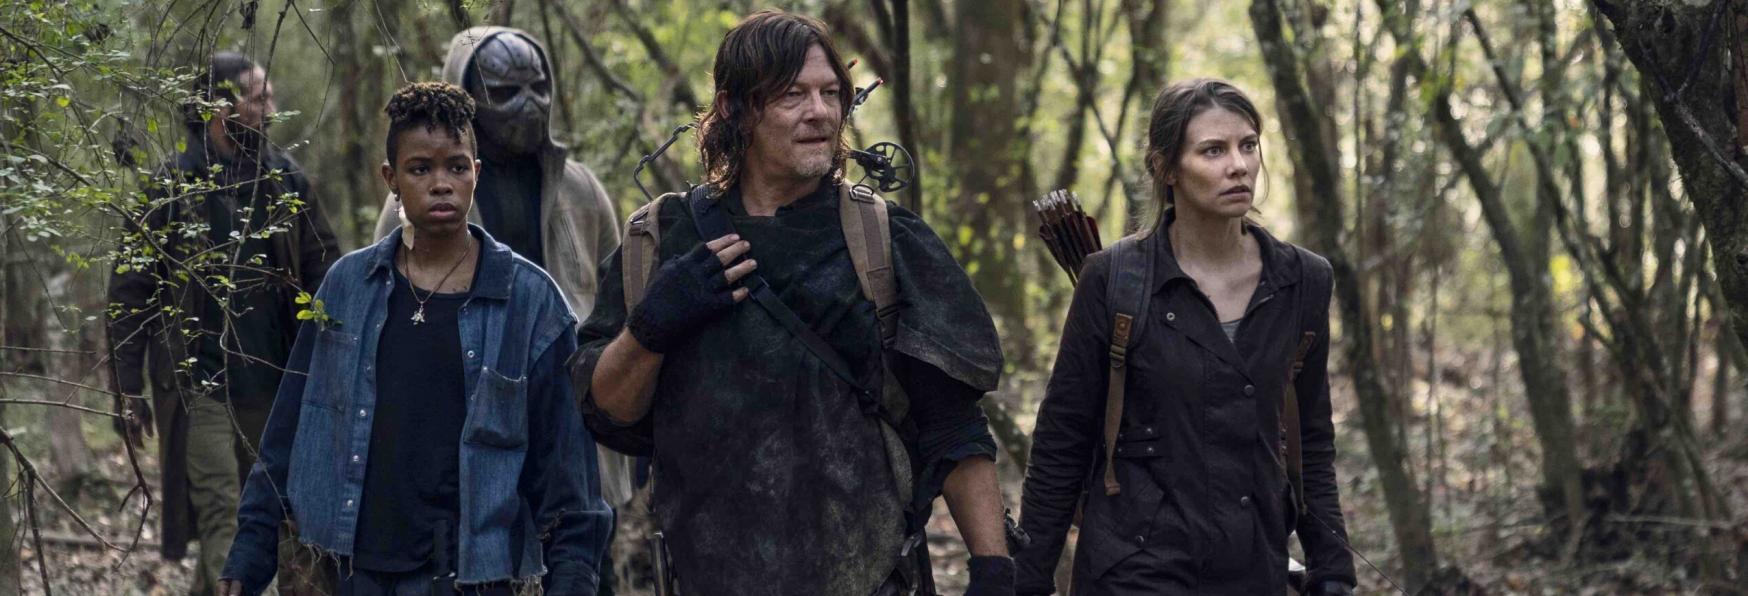 The Walking Dead: la Serie TV Completa è in arrivo su Disney+